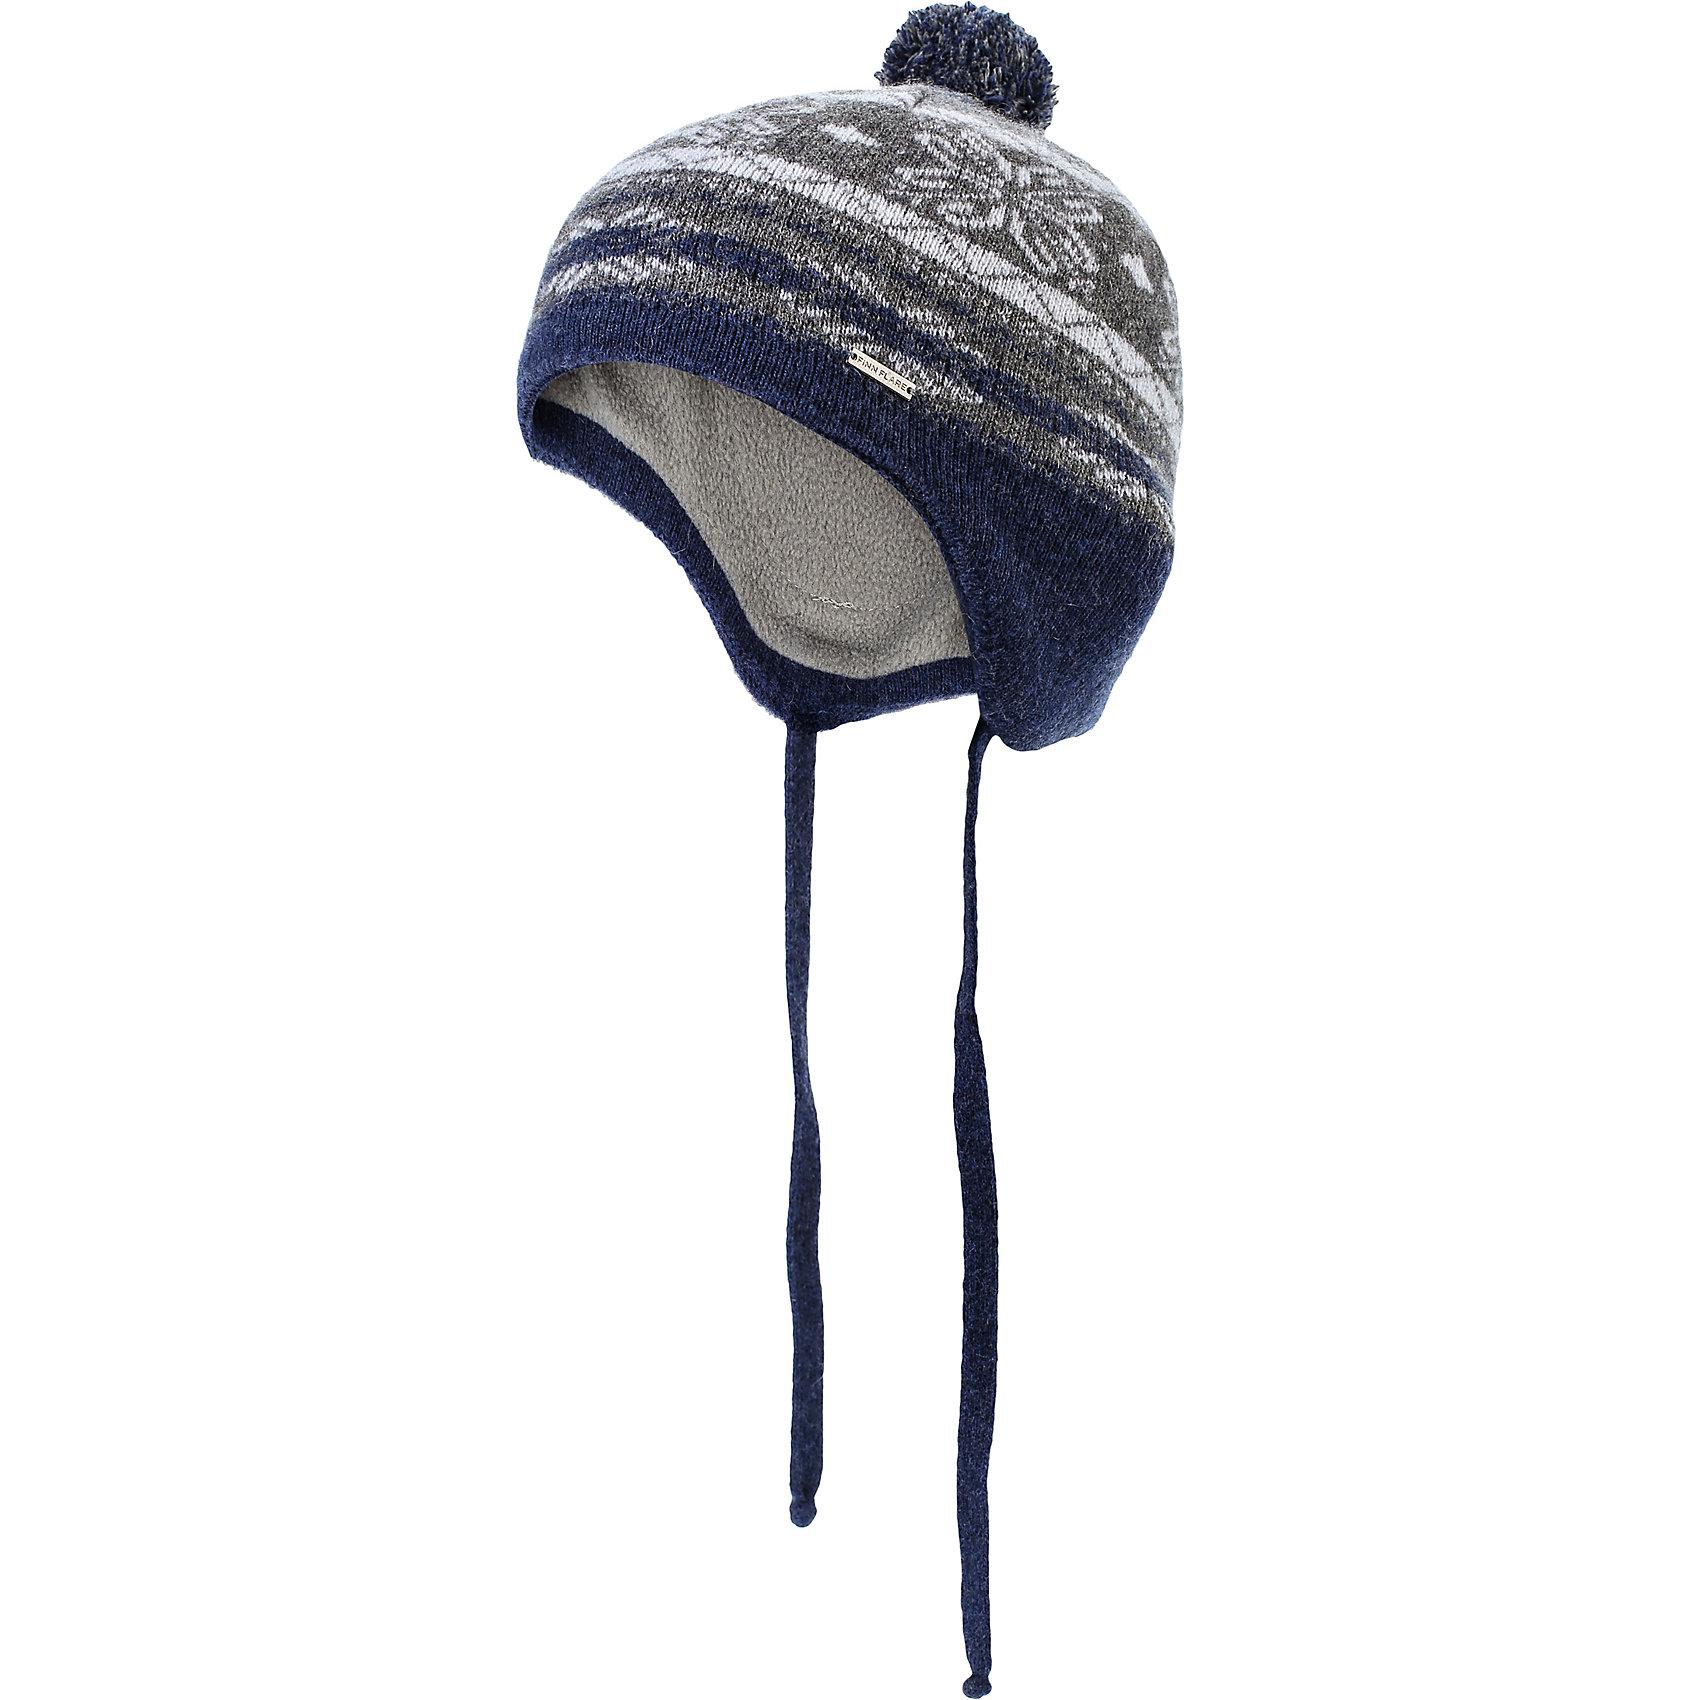 Шапка для мальчика Finn FlareГоловные уборы<br>Шапка известной марки Finn Flare.<br><br>Детская шапка на подкладке дополнена завязками, которые позволяют хорошо надеть шапку и туго ее завязать, чтобы надежно защитить ребенка от воздействия холодного ветра. Удлиненный мыс шапки в задней ее части дополнительно защищает и шею ребенка. Шапка украшена помпоном, декорирована принтом «снежинки и ромбы». Надевать шапку рекомендуется в период осенних холодов. <br><br>Состав: 80% шерсть, 20% нейлон<br>Подкладка: 100% полиэстер<br><br>Шапку для мальчика Finn Flare можно купить в нашем интернет-магазине.<br><br>Ширина мм: 89<br>Глубина мм: 117<br>Высота мм: 44<br>Вес г: 155<br>Цвет: серый<br>Возраст от месяцев: 48<br>Возраст до месяцев: 60<br>Пол: Мужской<br>Возраст: Детский<br>Размер: 52<br>SKU: 4890394